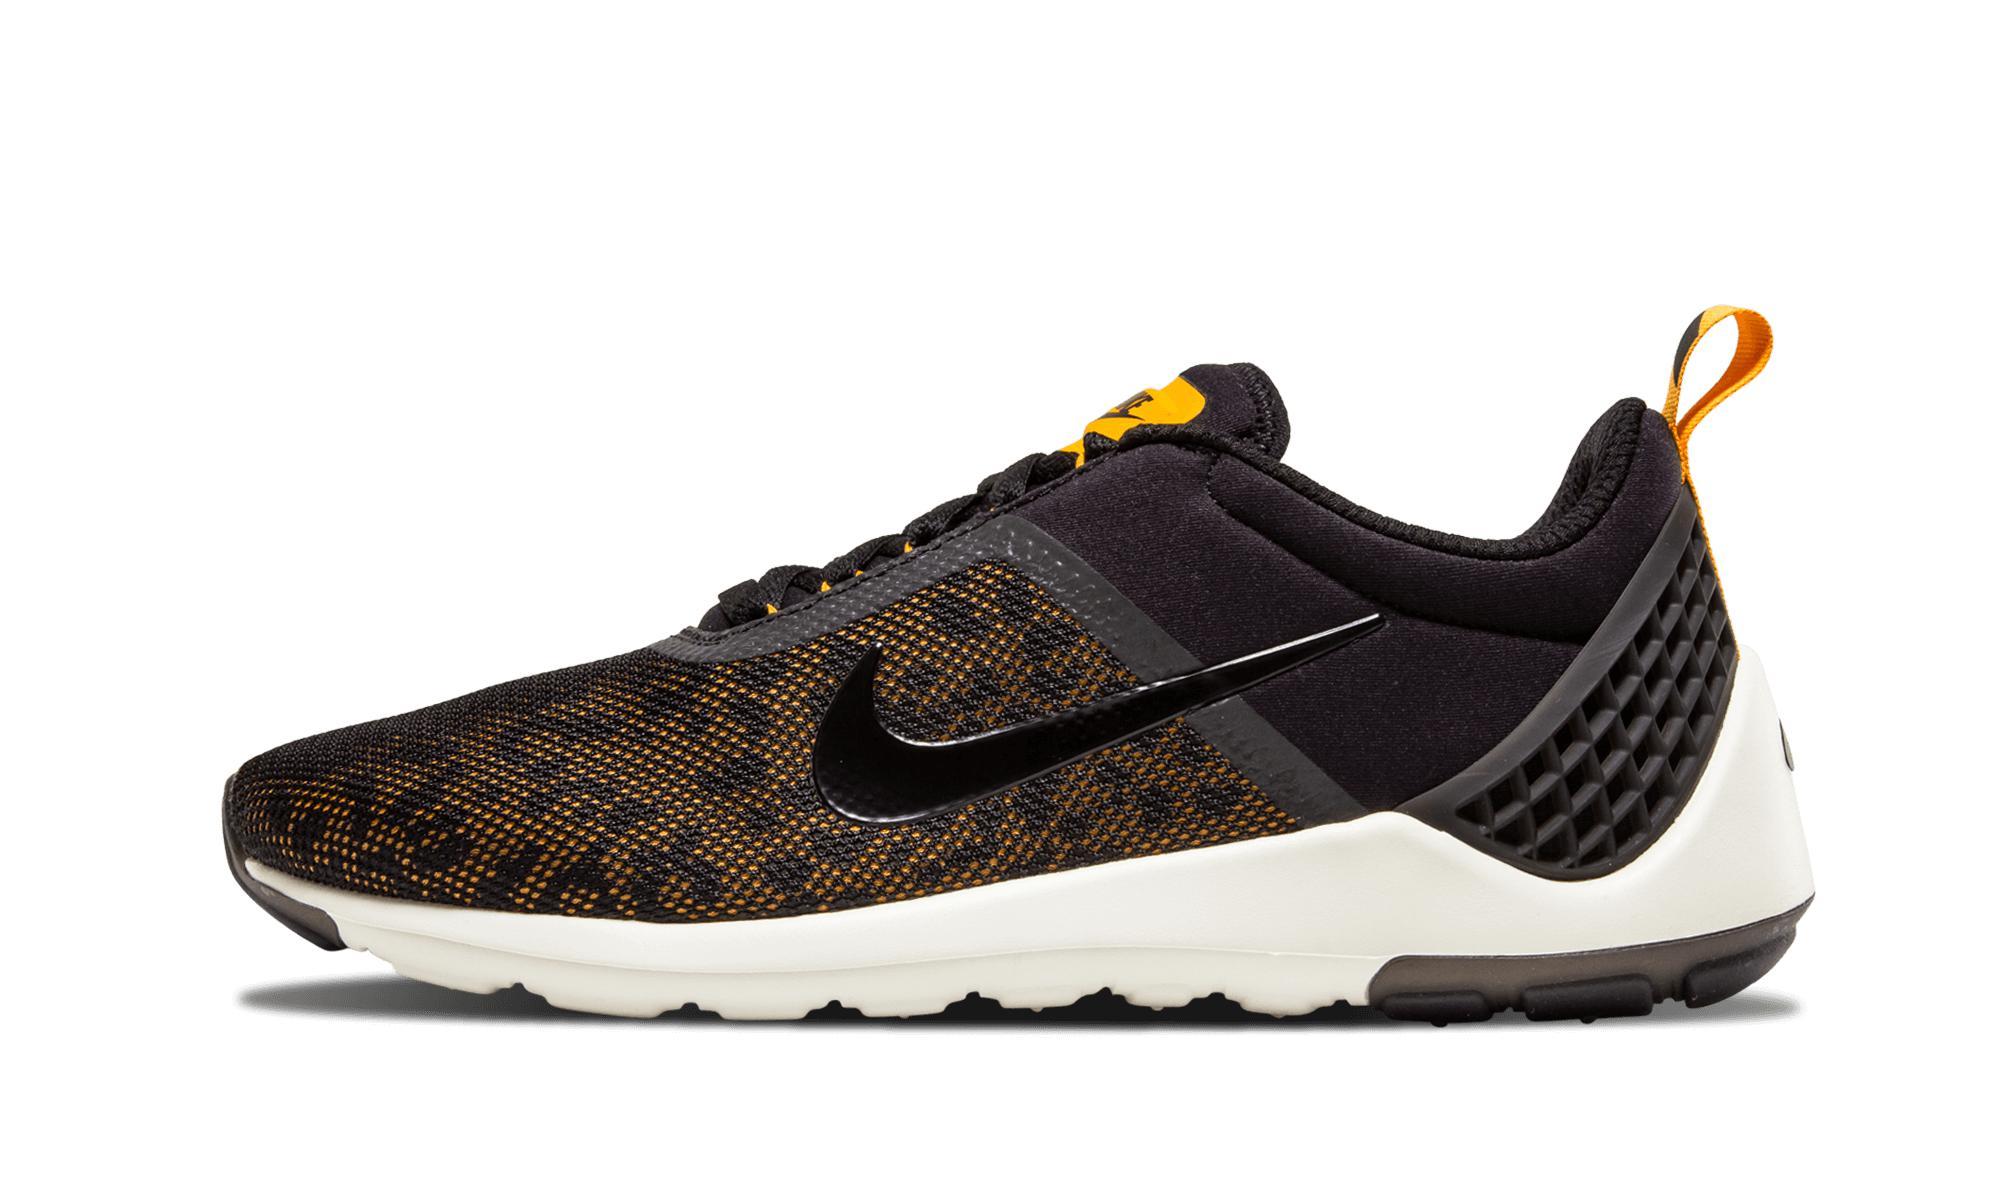 8495c8c1b0b1 Nike Lunarestoa 2 Premium Qs in Black - Lyst